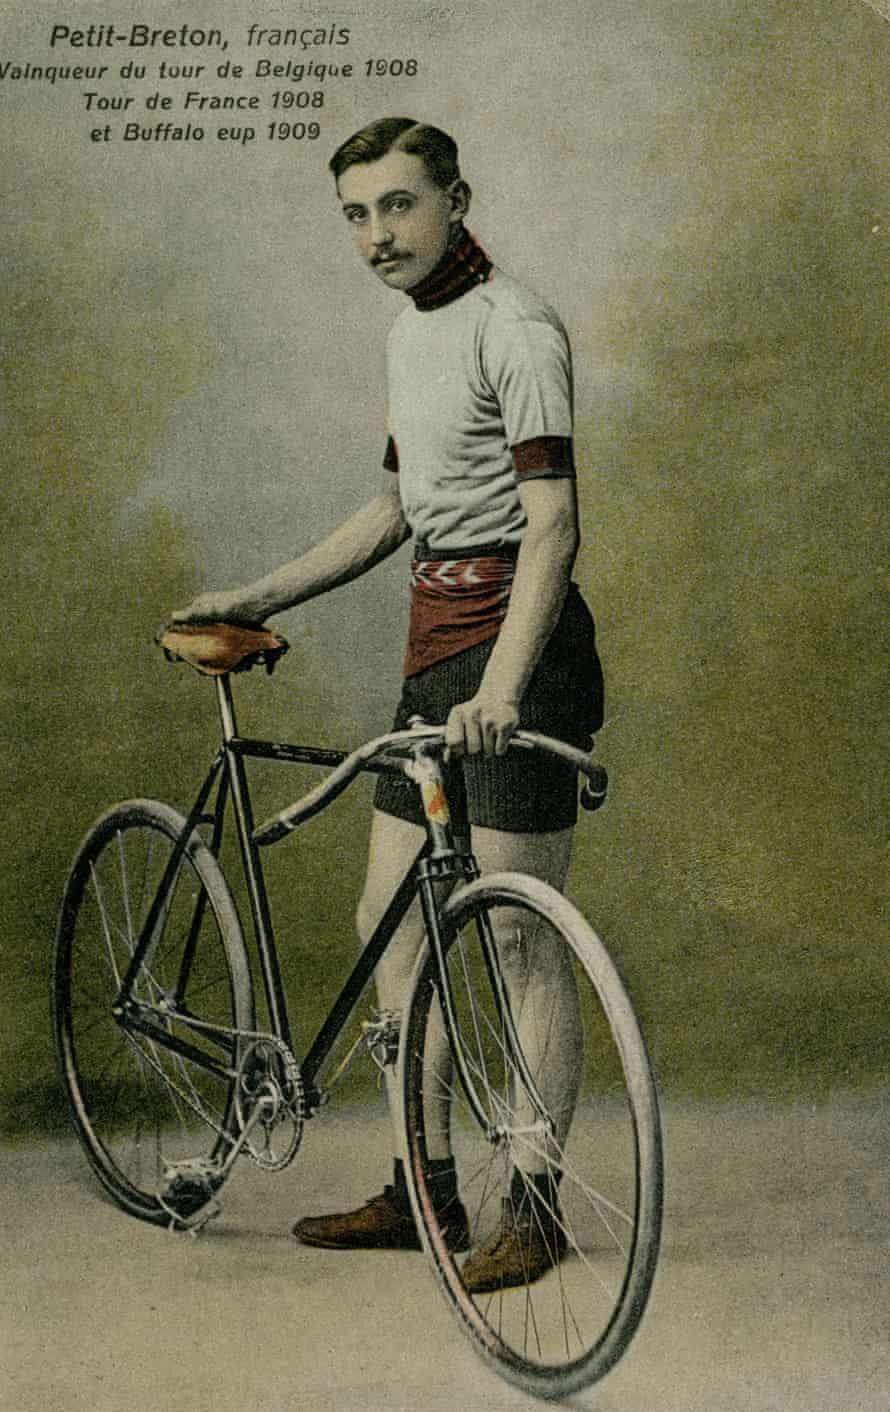 Lucien Petit-Briton